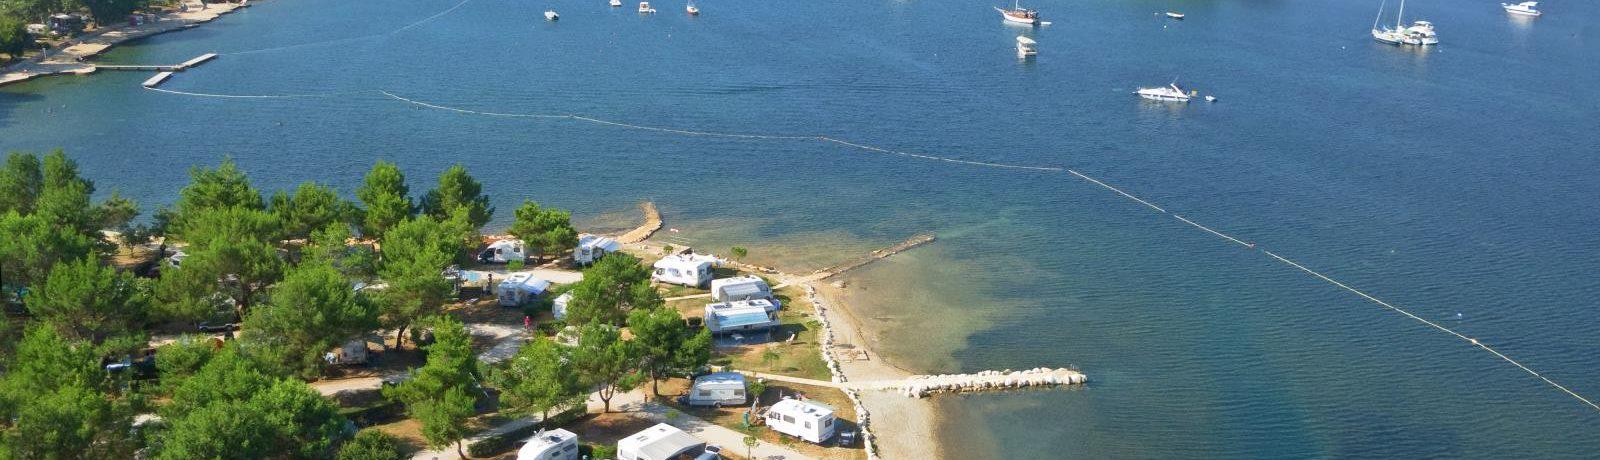 Camping Orsera is een kindercamping in de omgeving van Vrsar, in Istrië gelegen aan zee.